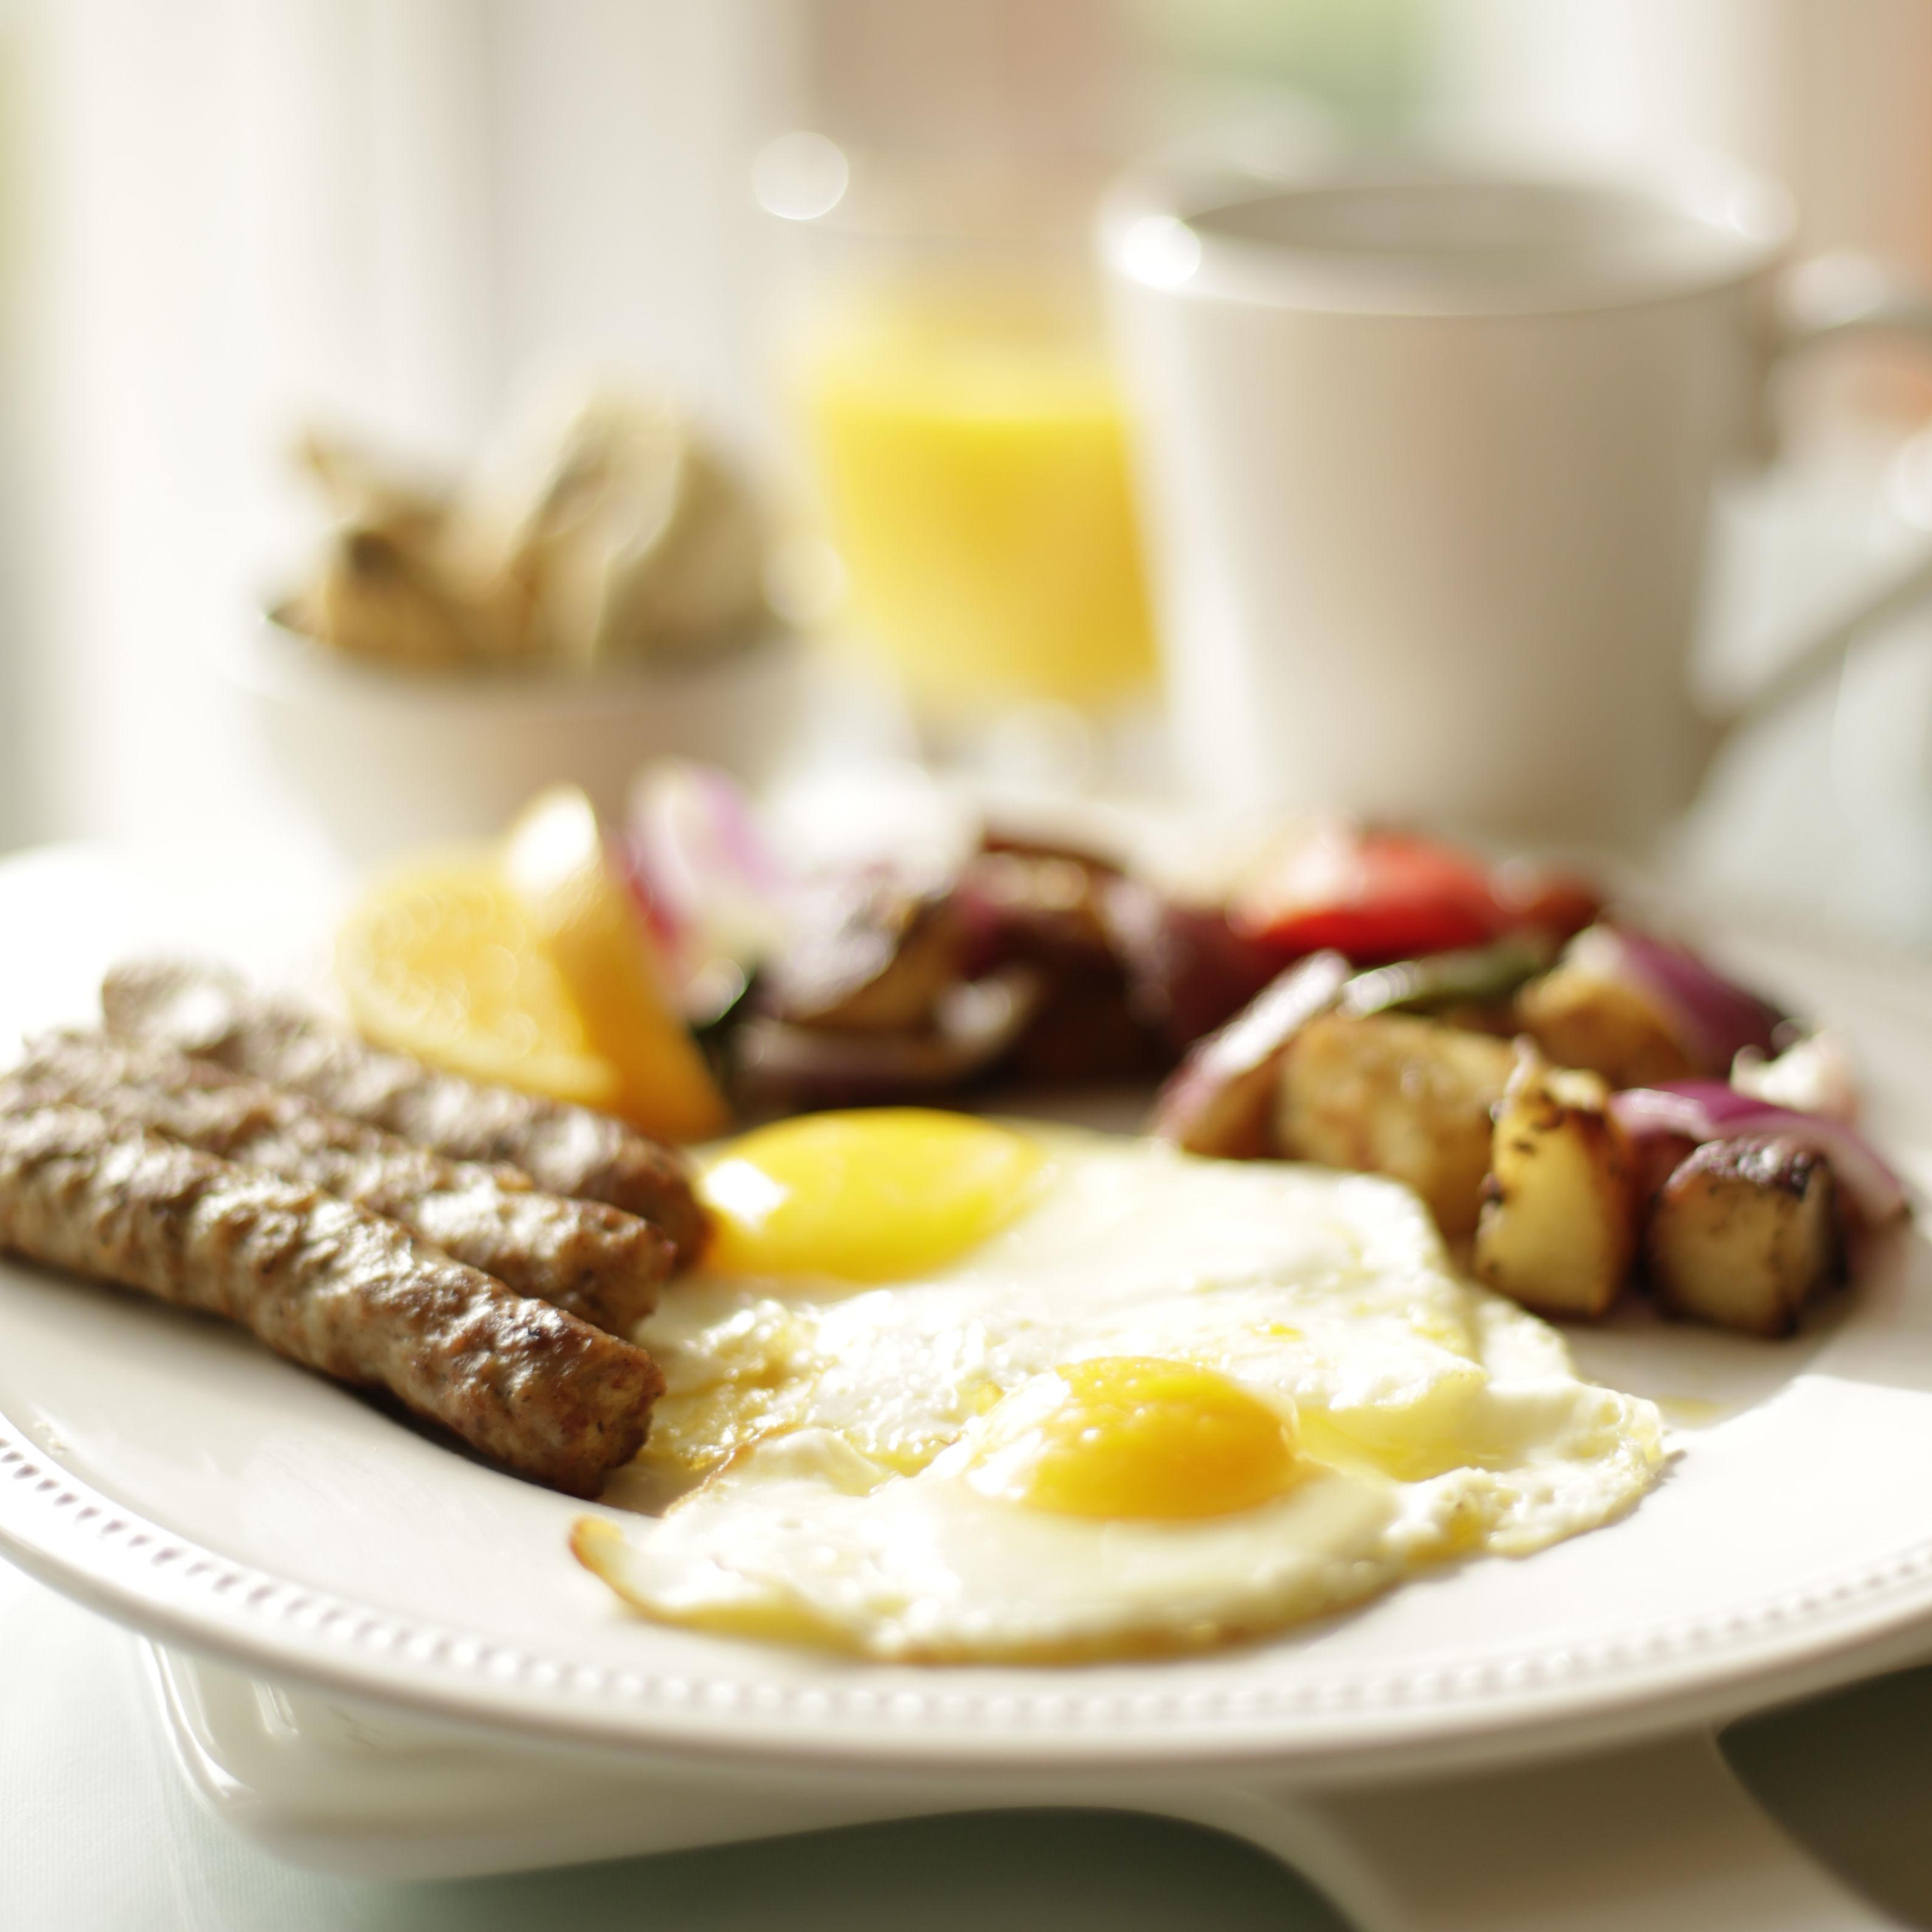 Breakfast goowv4